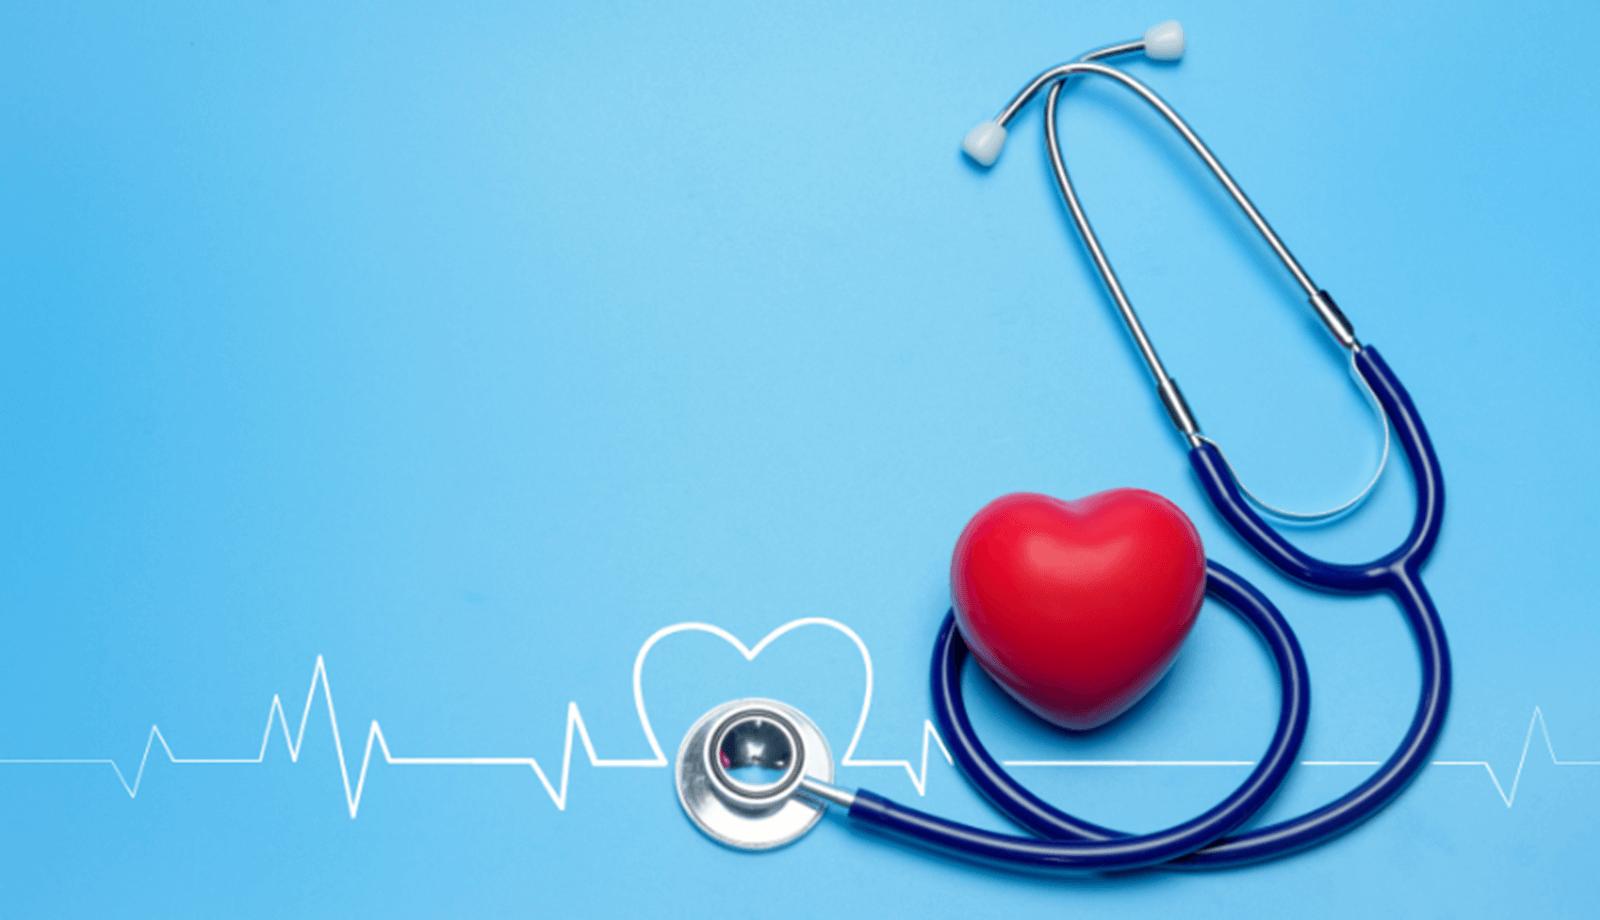 magas vérnyomás elleni nap 2020 magas vérnyomás hogyan lehet katonai igazolványt szerezni